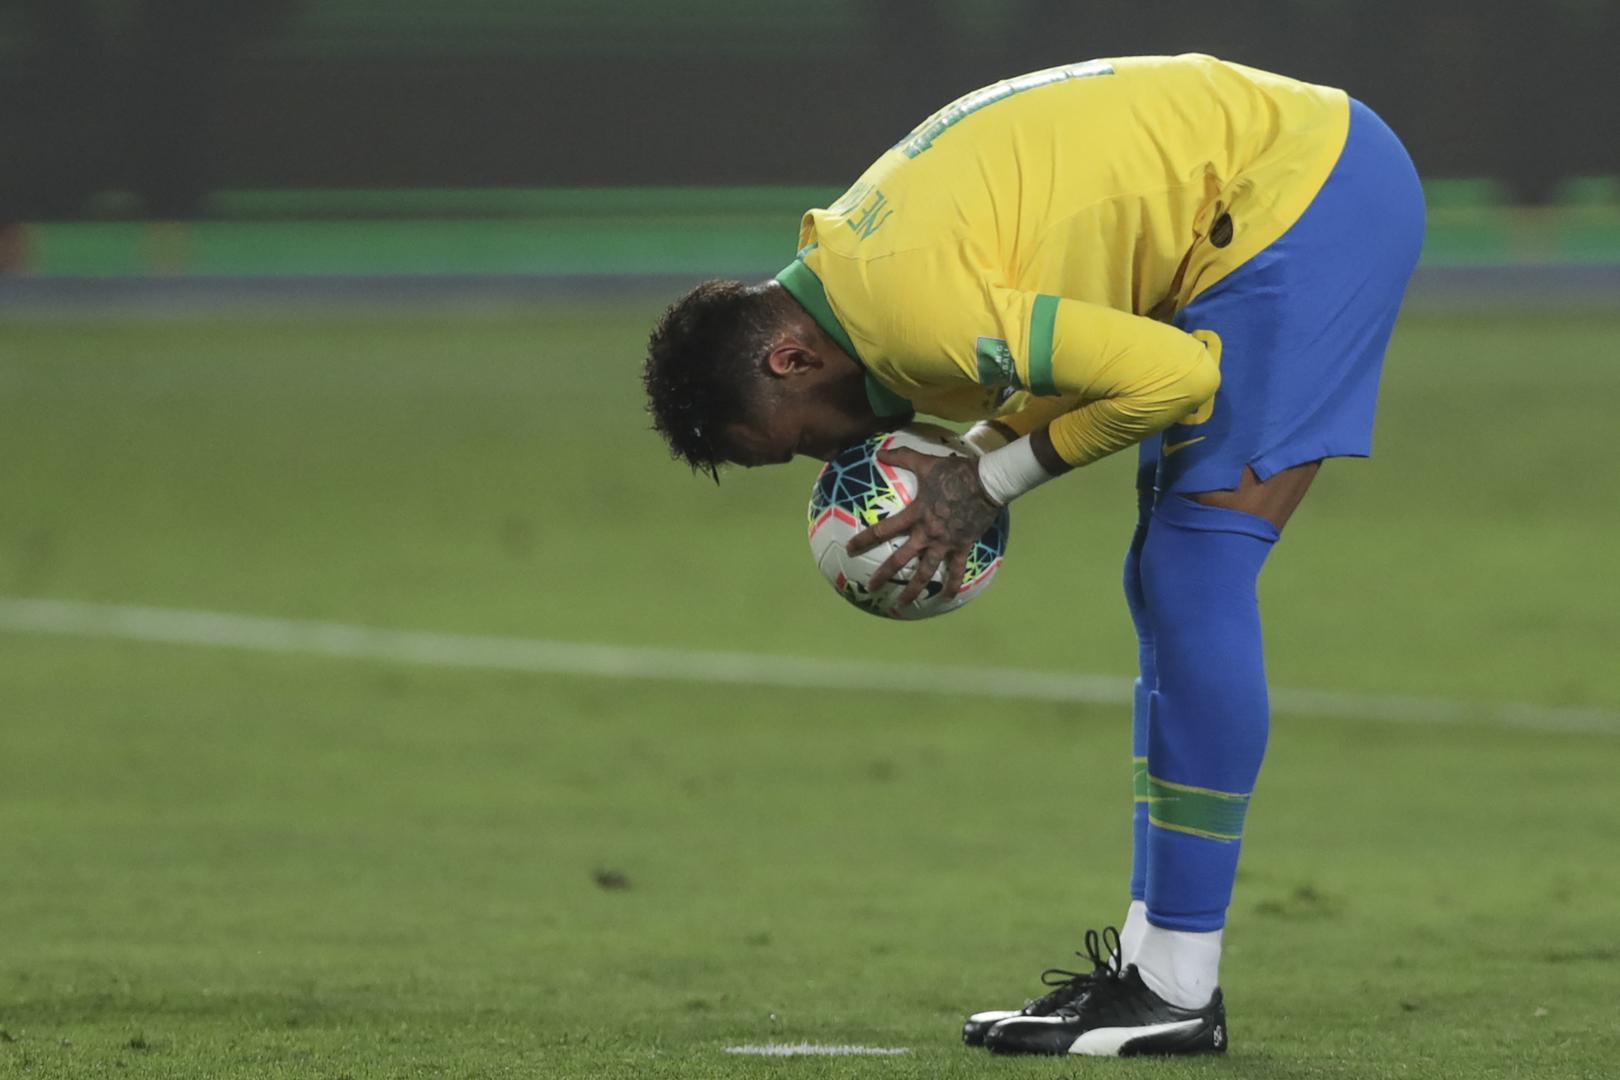 مدرب البرازيل يأمل في تحرير نيمار للمشاركة مع المنتخب الأولمبي